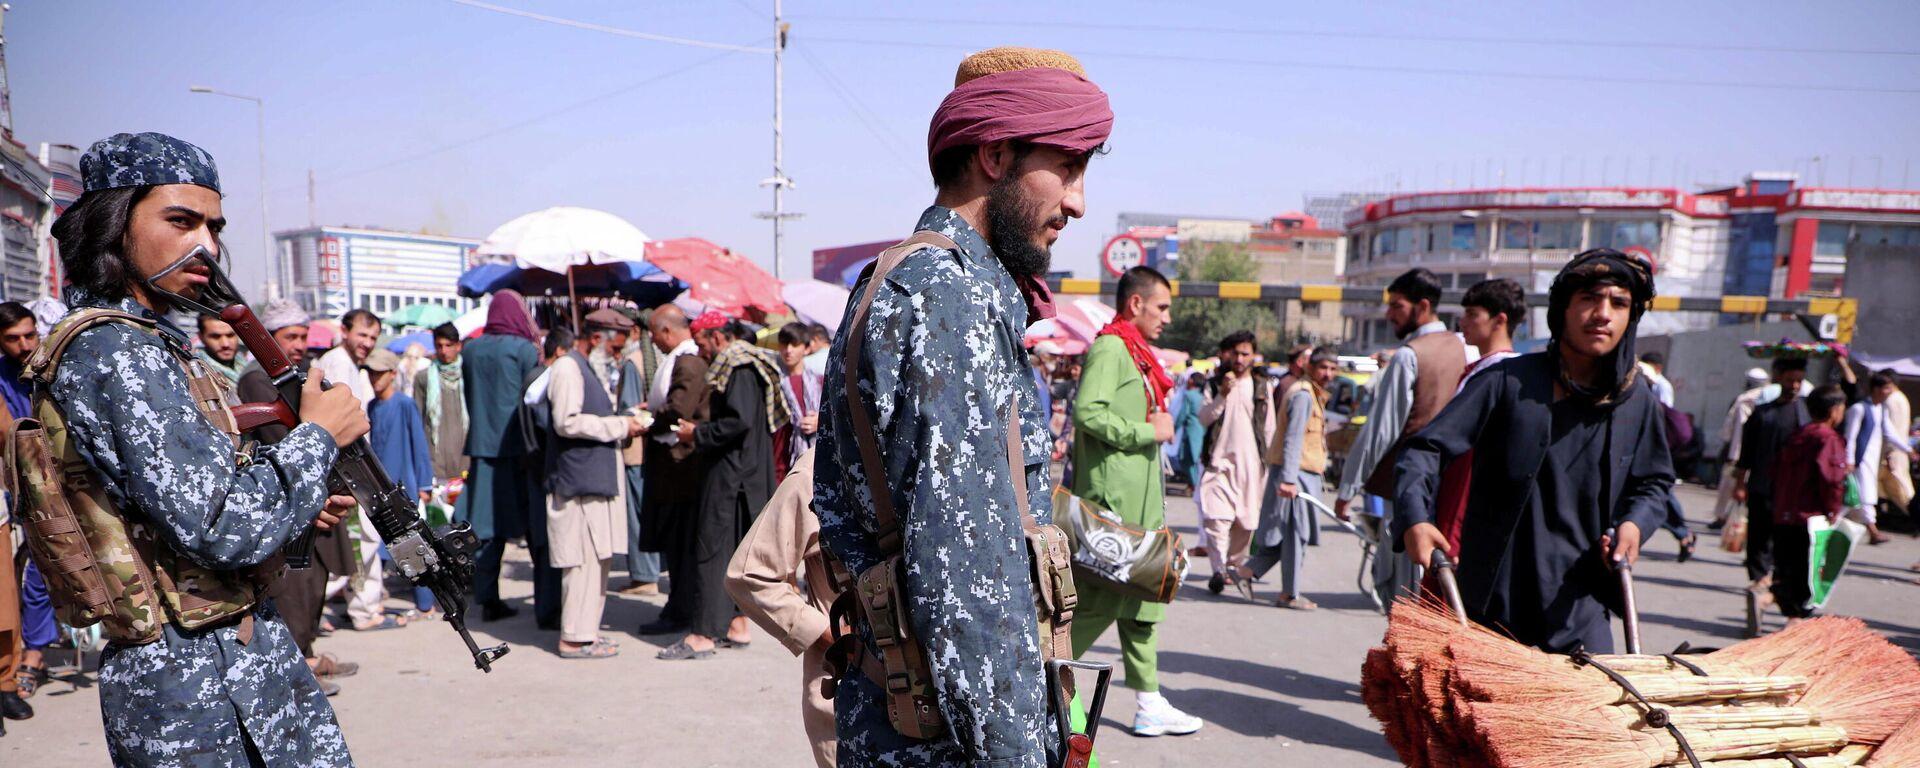 Las fuerzas de seguridad talibanes hacen la guardia en una calle de Kabul, Afganistán, el 4 de septiembre de 2021 - Sputnik Mundo, 1920, 04.09.2021